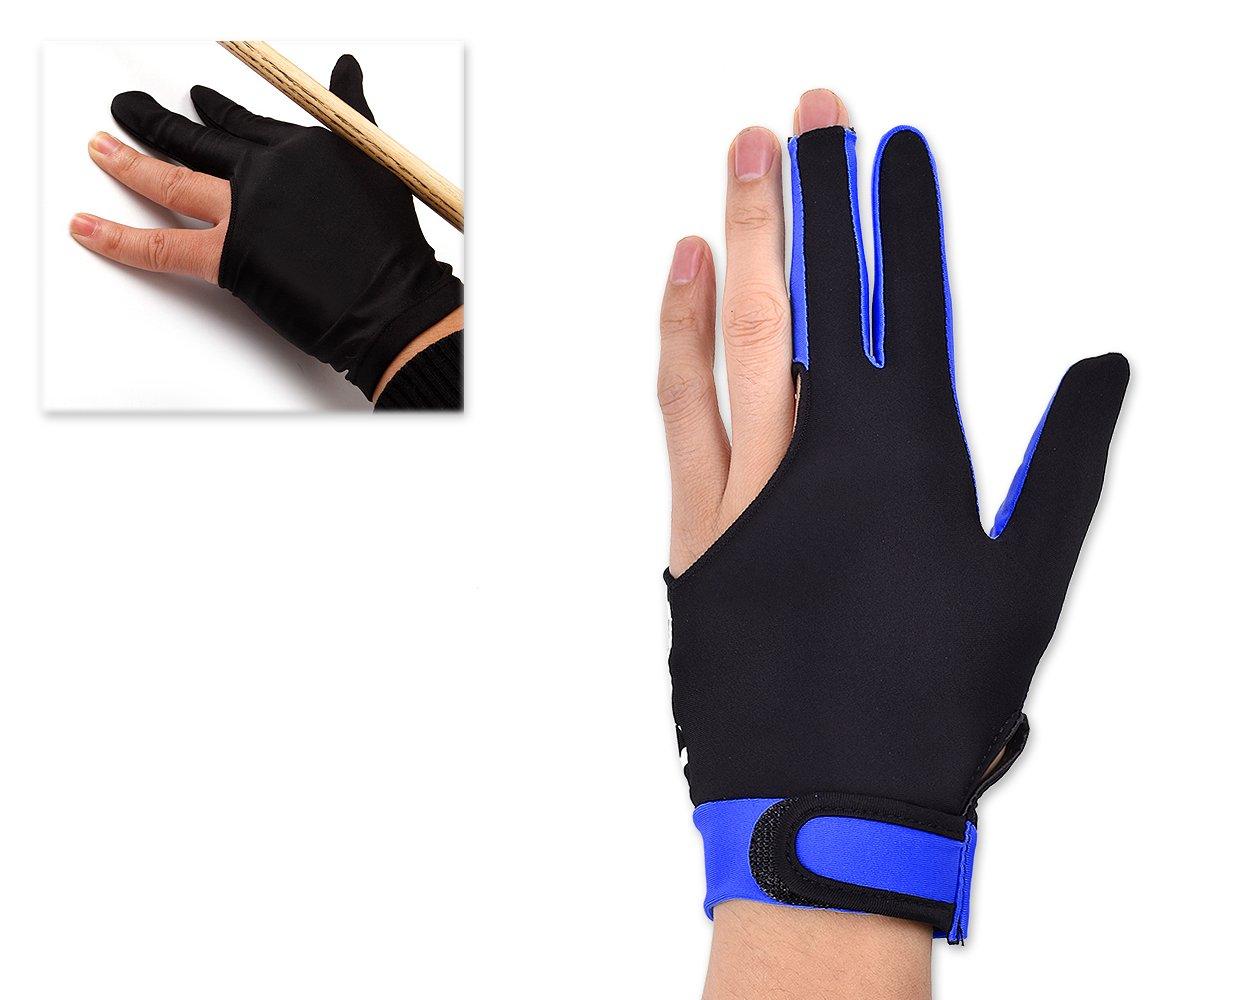 DSstyles 1 pieza de lycra el/ástica 3 dedos de piscina y billar Snooker guante talla M Azul